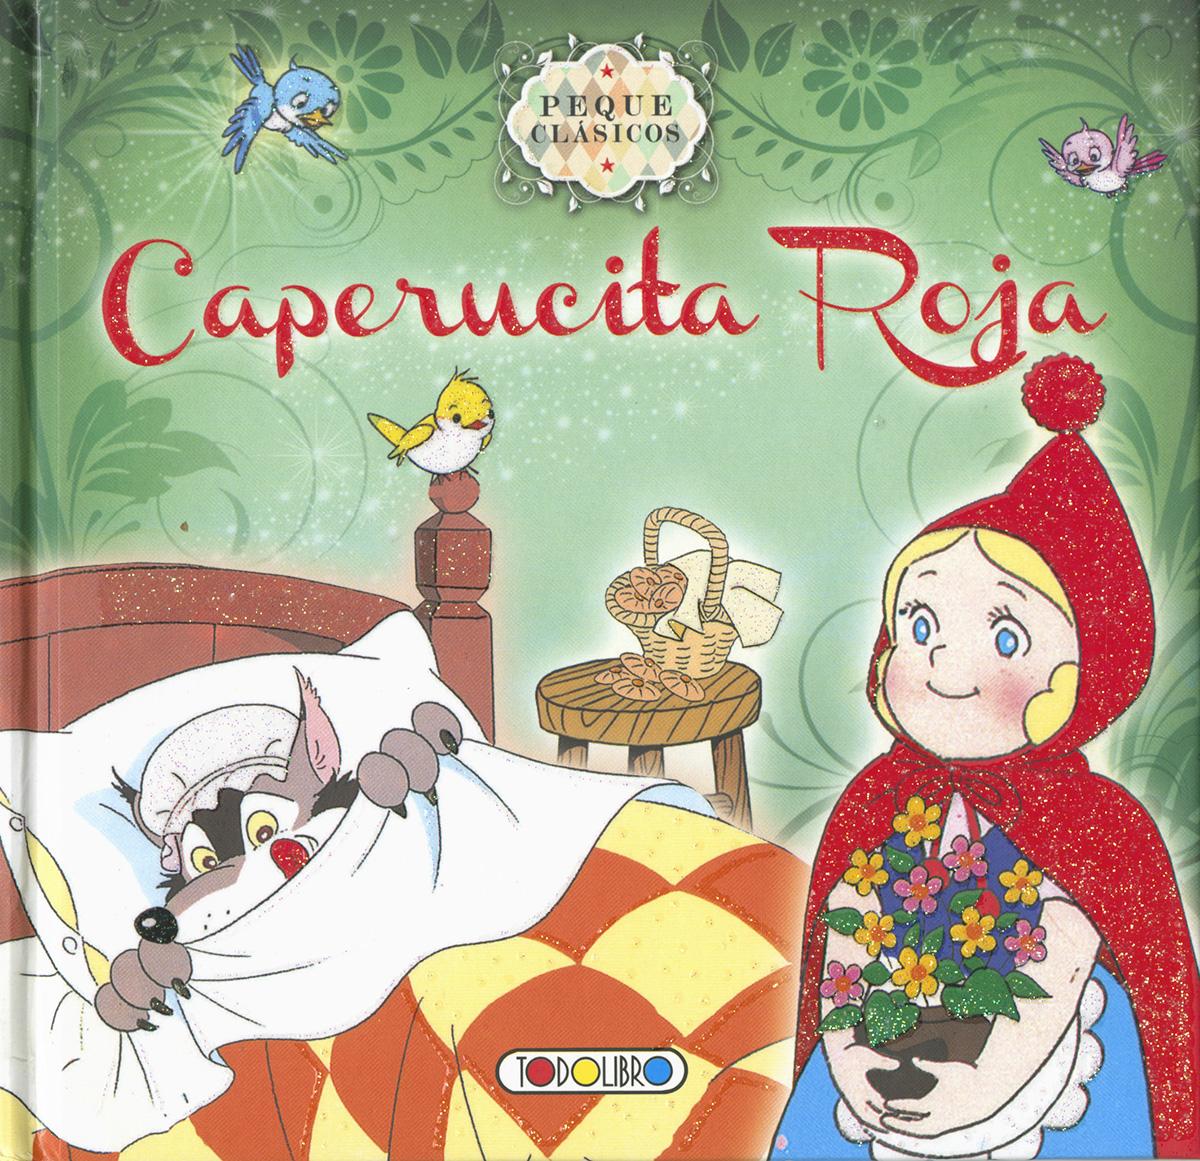 Libro De Cuentos Y Fábulas Todolibro Castellano Todo Libro Libros Infantiles En Castellano Y Catalán